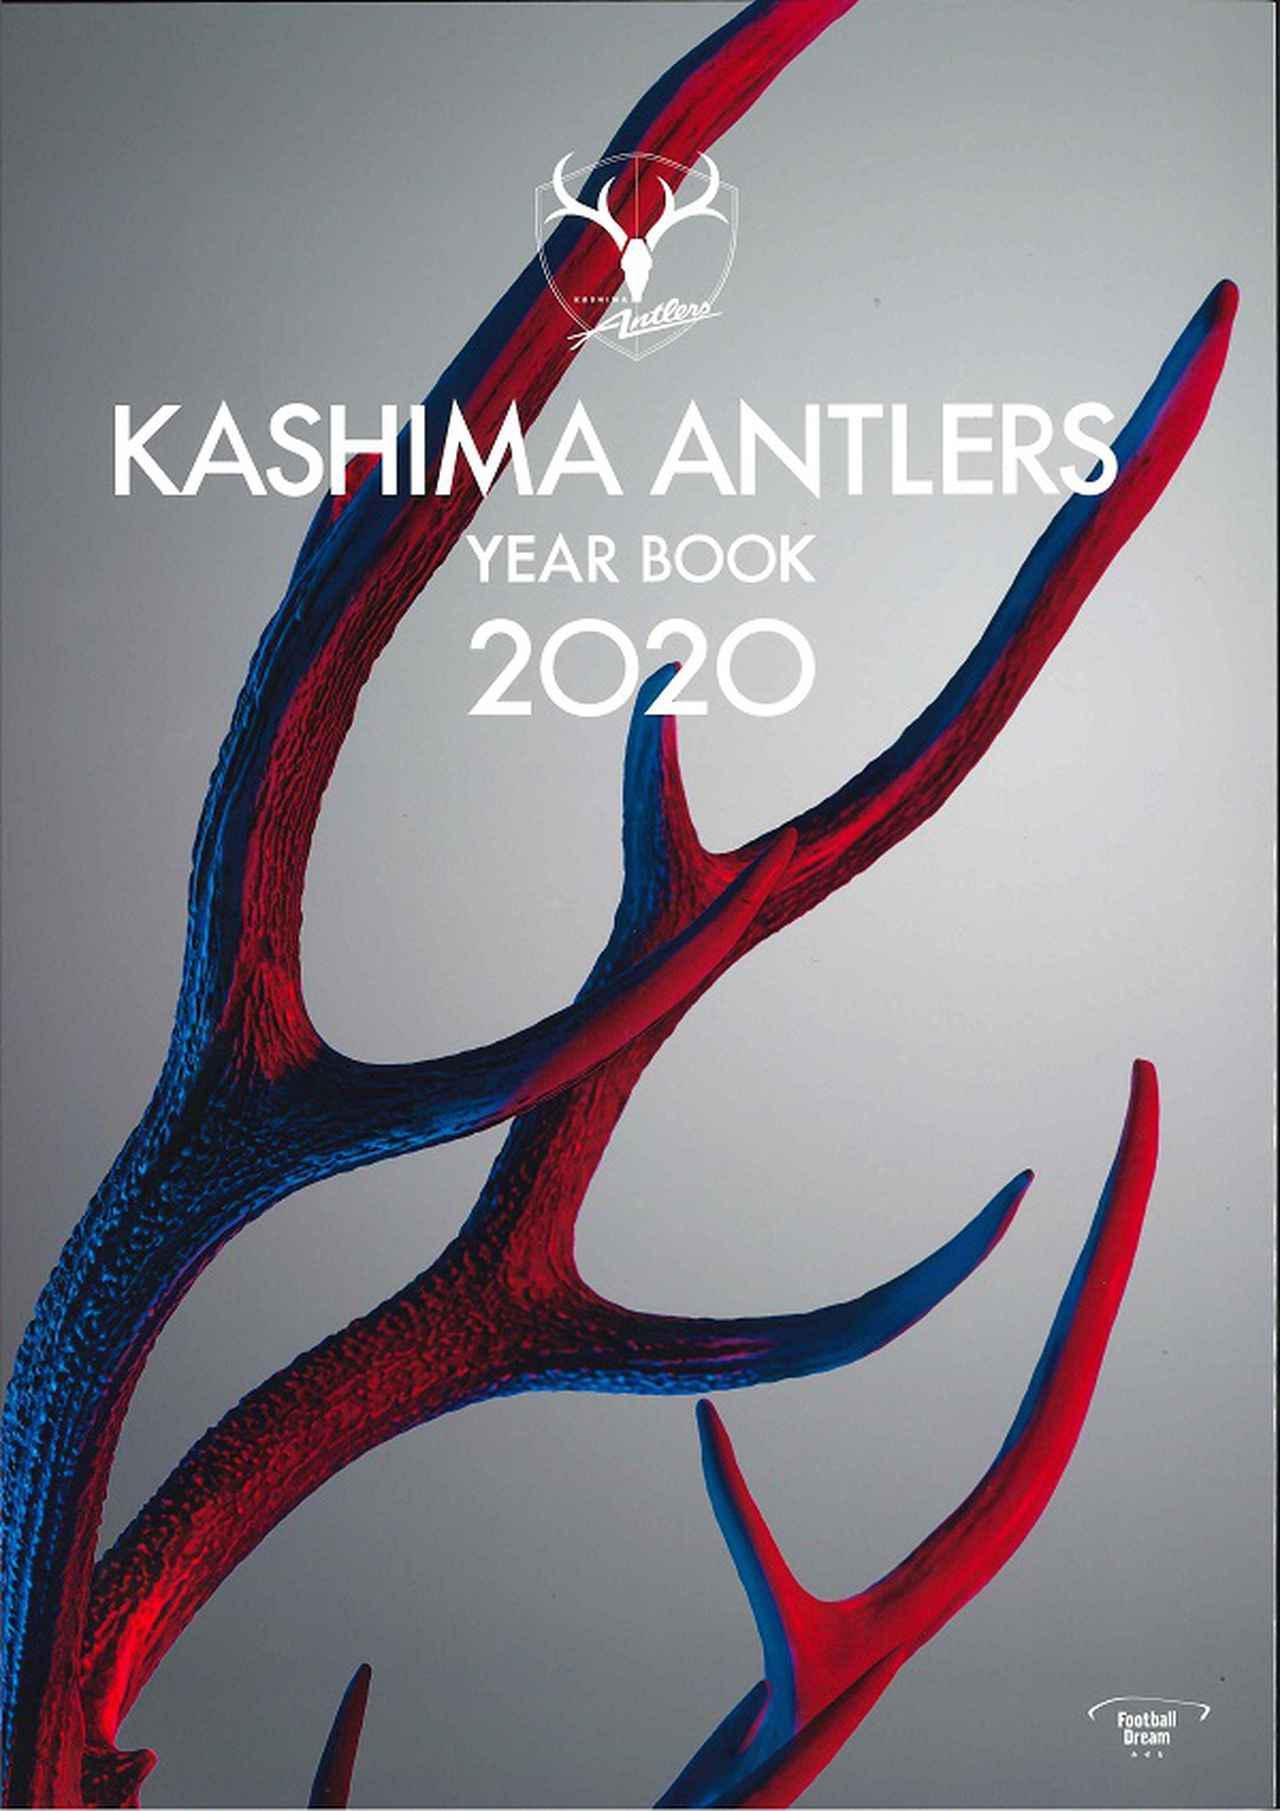 画像: KASHIMA ANTLERS YEAR BOOK 2020 株式会社鹿島アントラーズ エフ・シー/発行   BBMスポーツ   ベースボール・マガジン社